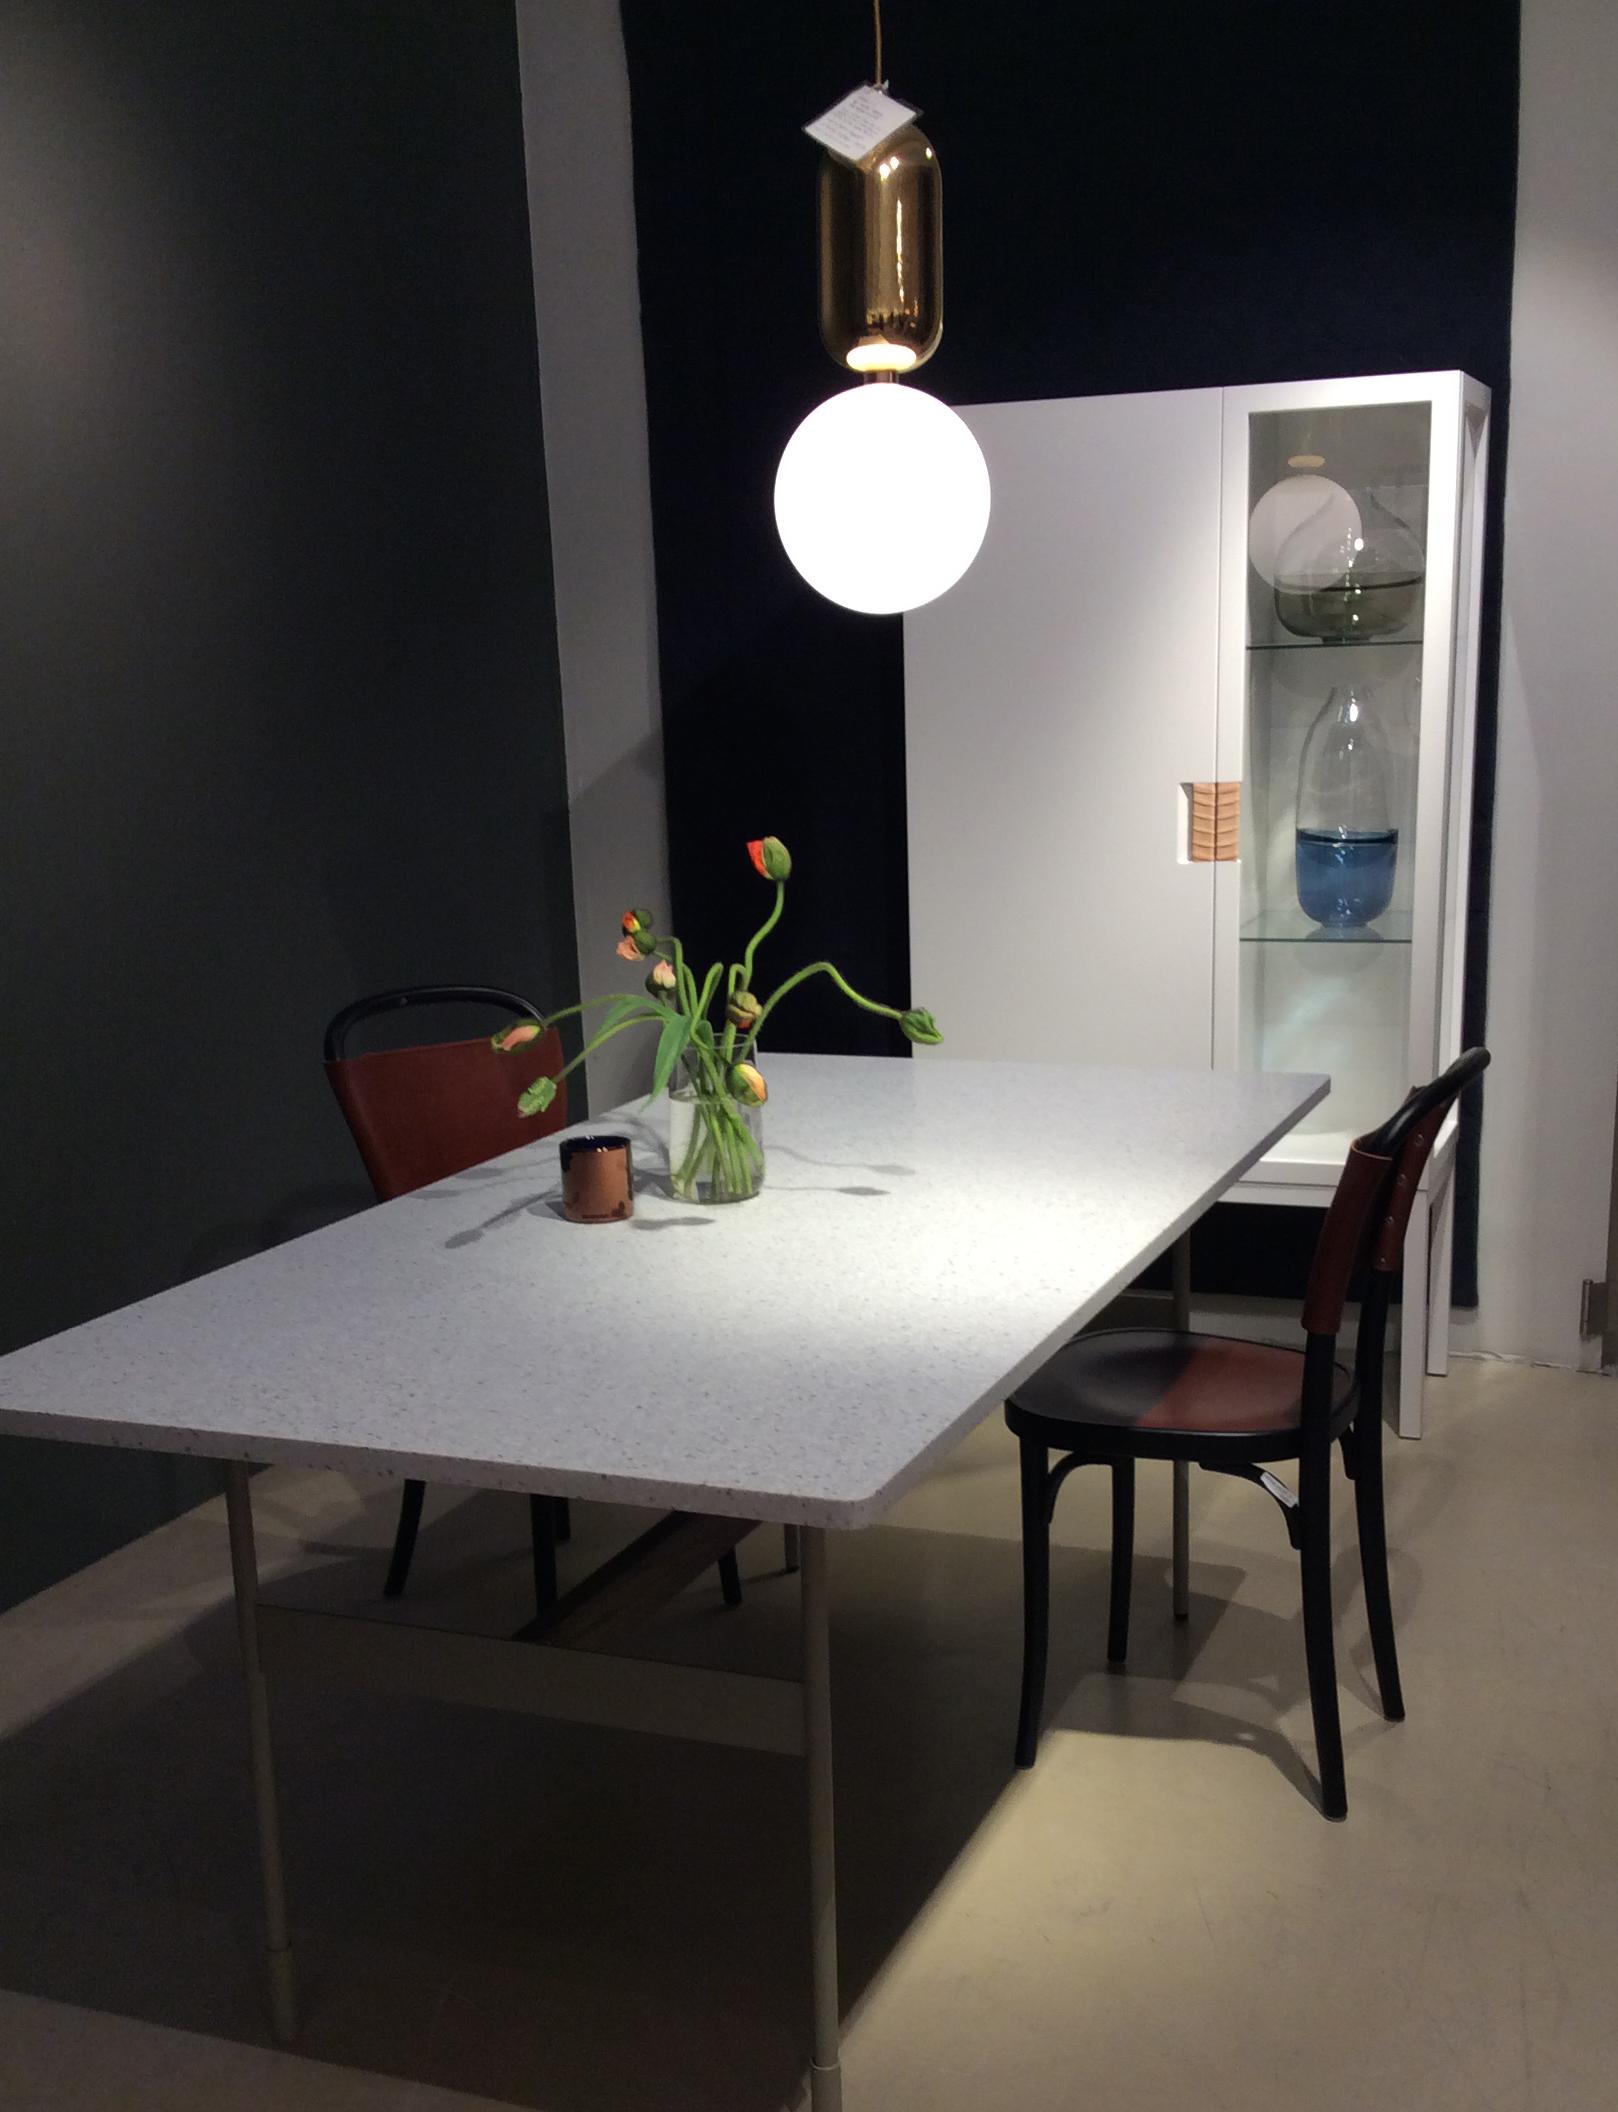 Asplund spisebord med steinplate og Frame skap med lær detalj.